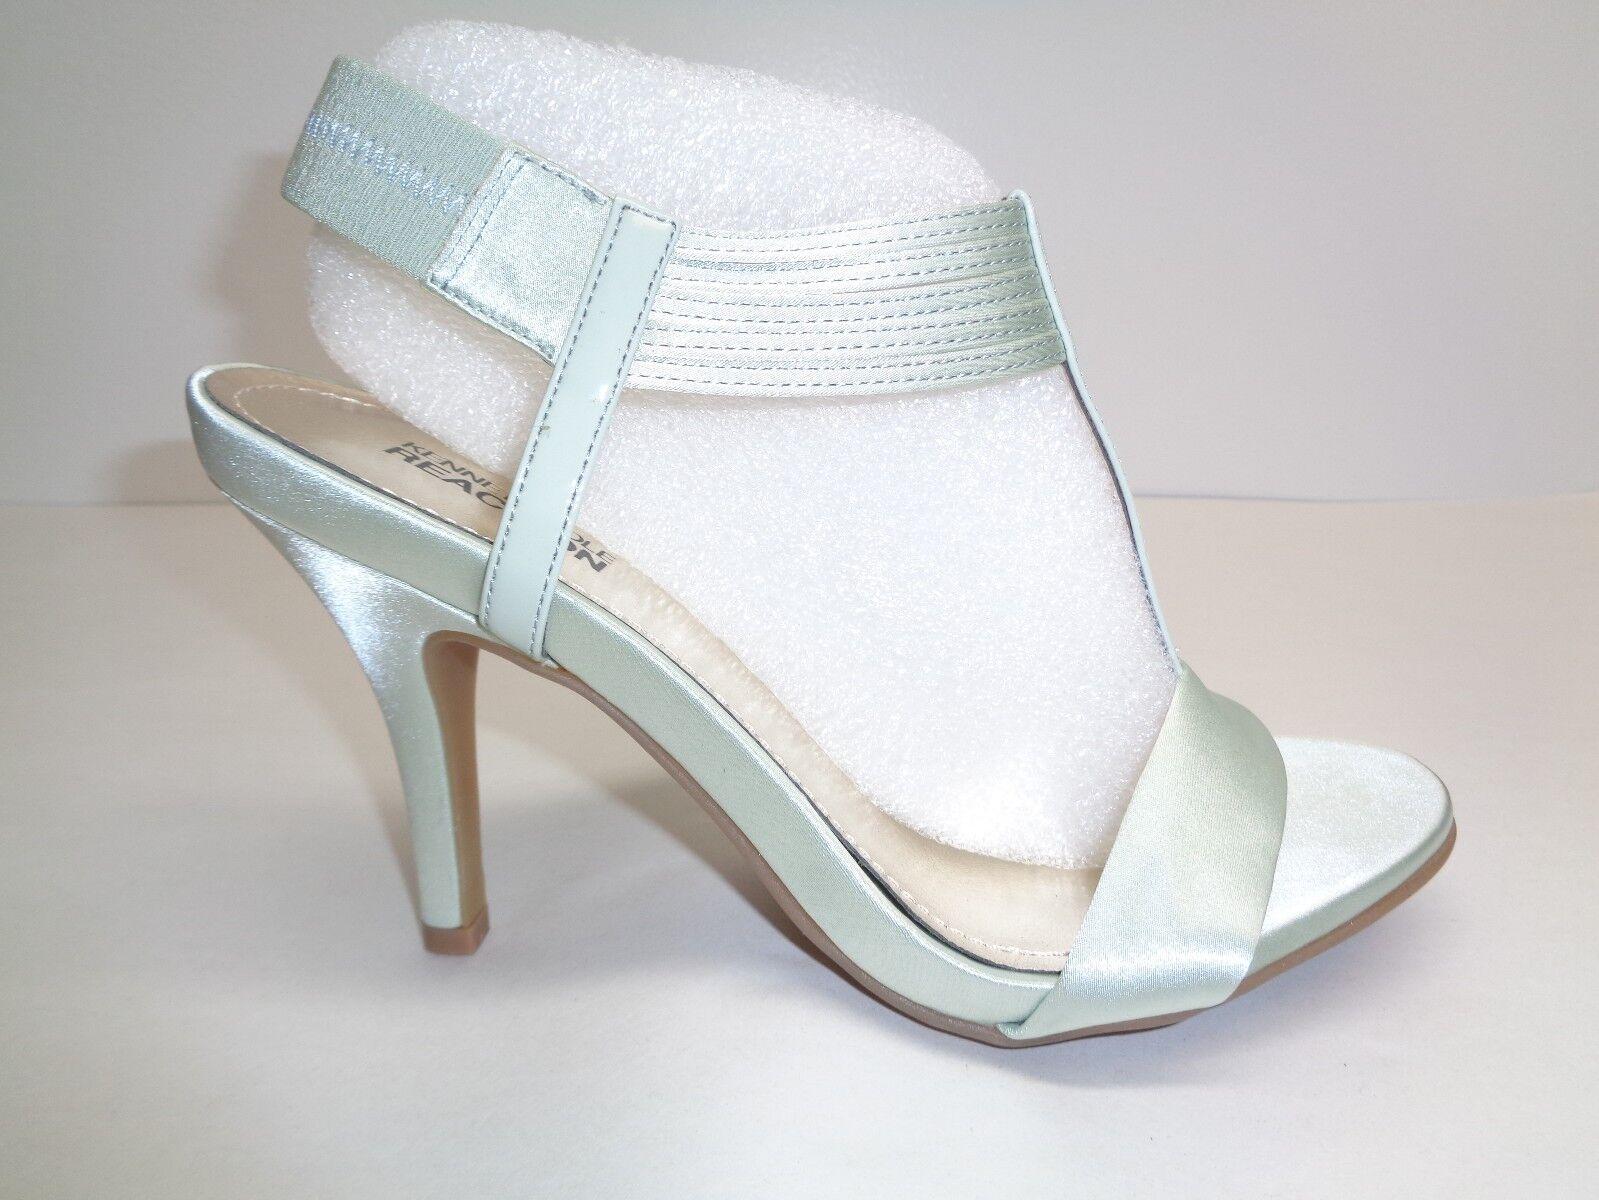 Kenneth Cole M saber forma Tacones Satén verde Menta Sandalias nuevo Zapatos para mujer